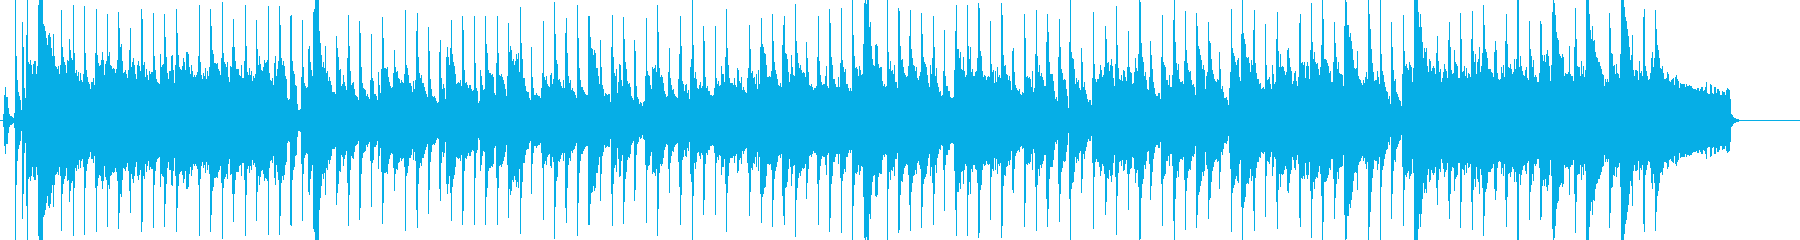 ハーモニカとギターによるスローカントリーの再生済みの波形